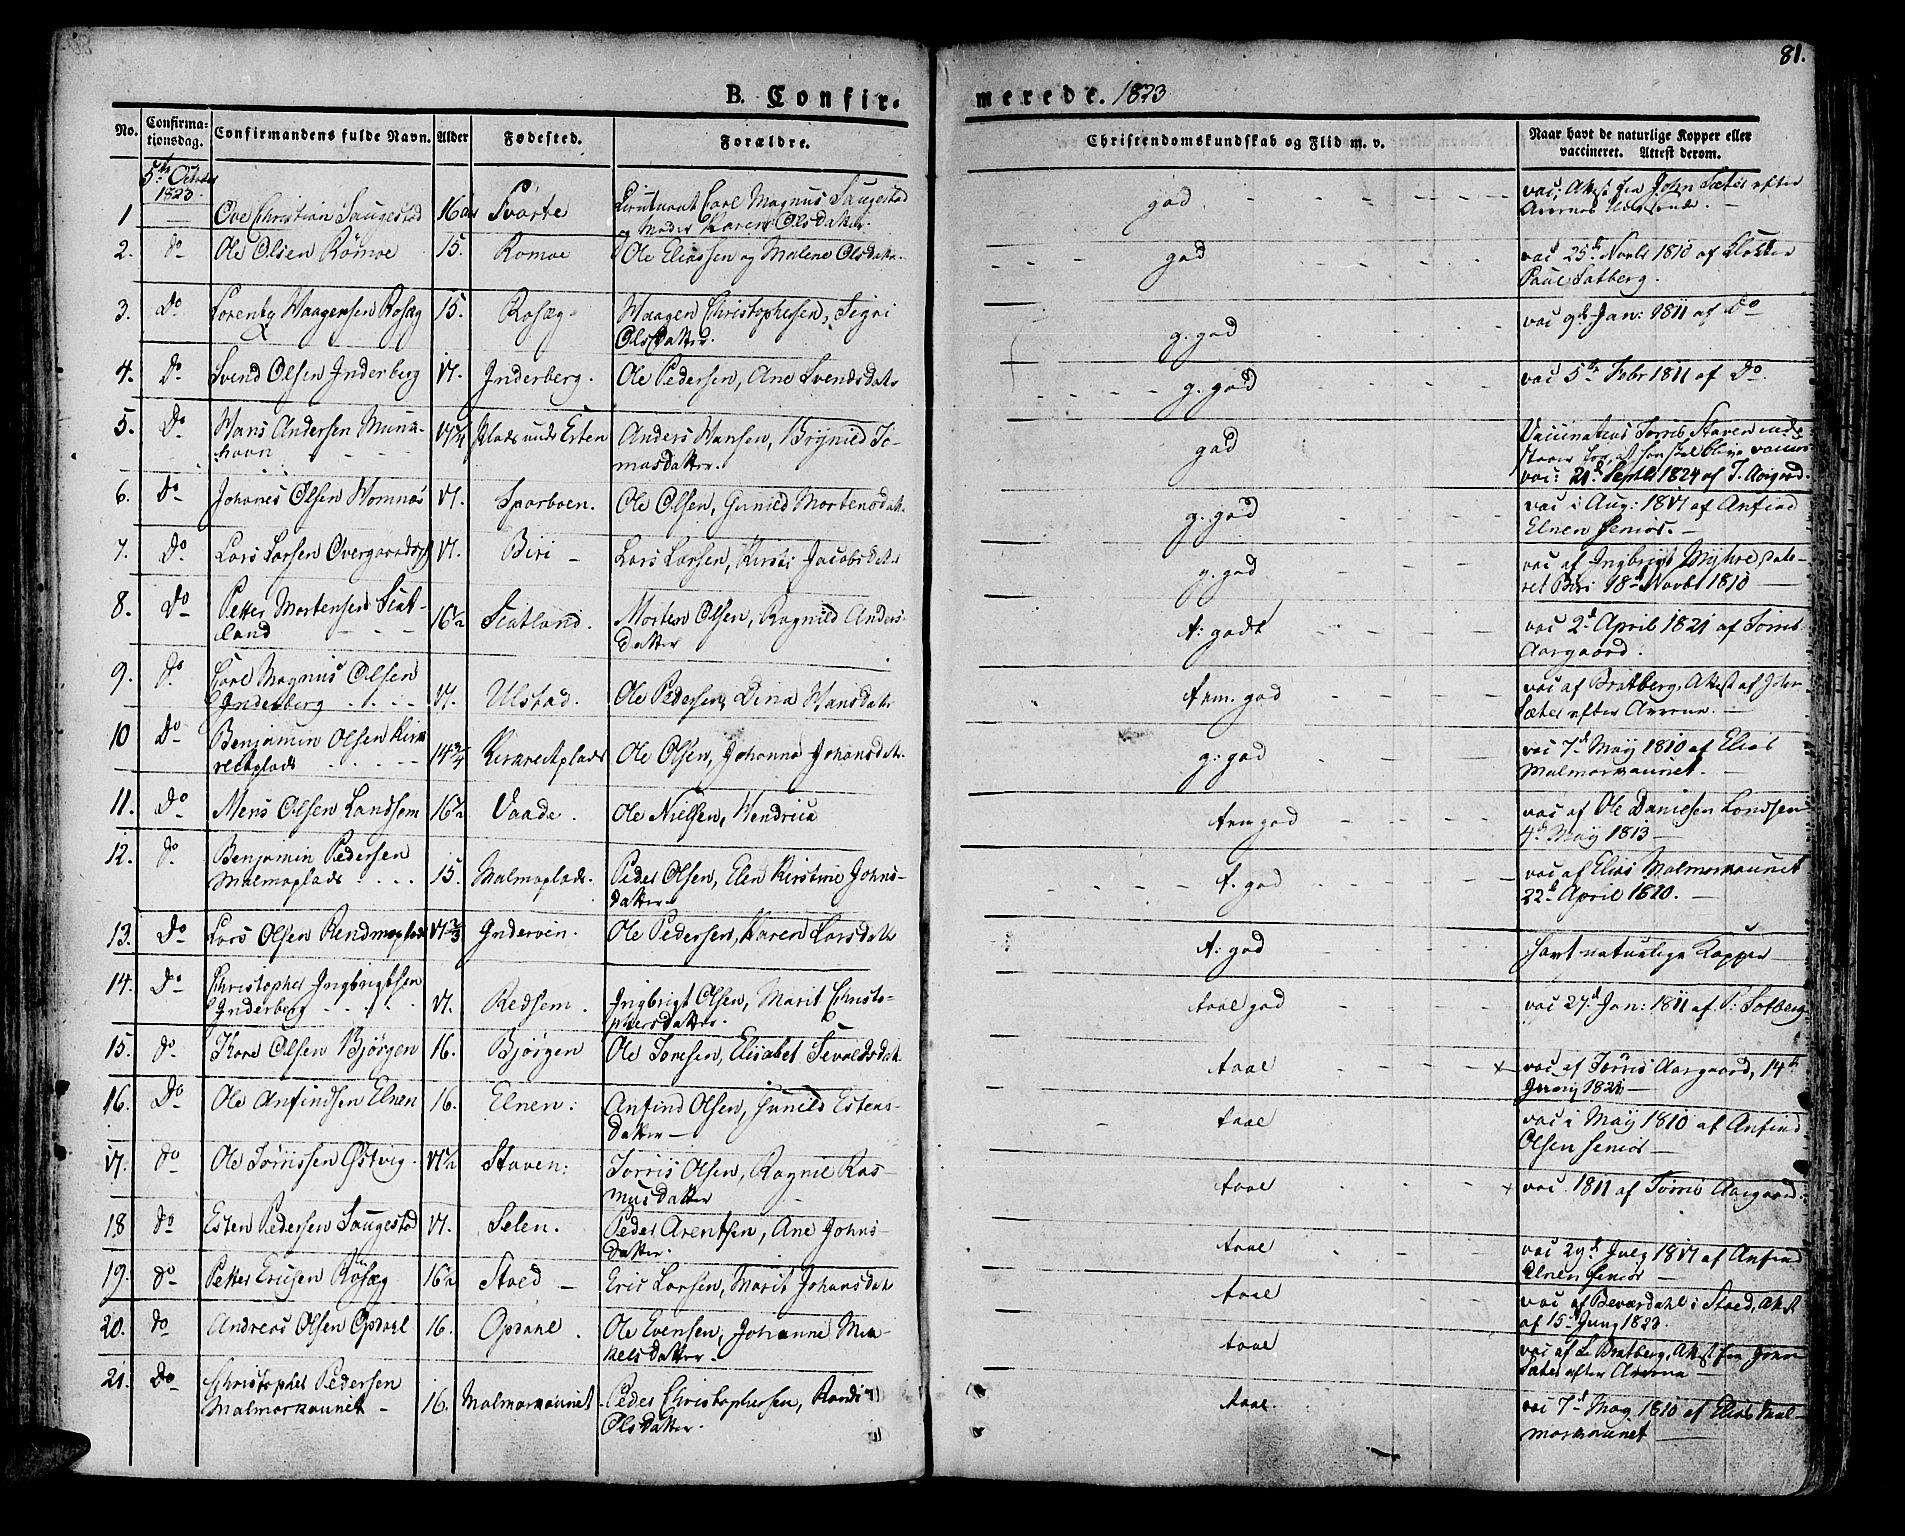 SAT, Ministerialprotokoller, klokkerbøker og fødselsregistre - Nord-Trøndelag, 741/L0390: Ministerialbok nr. 741A04, 1822-1836, s. 81